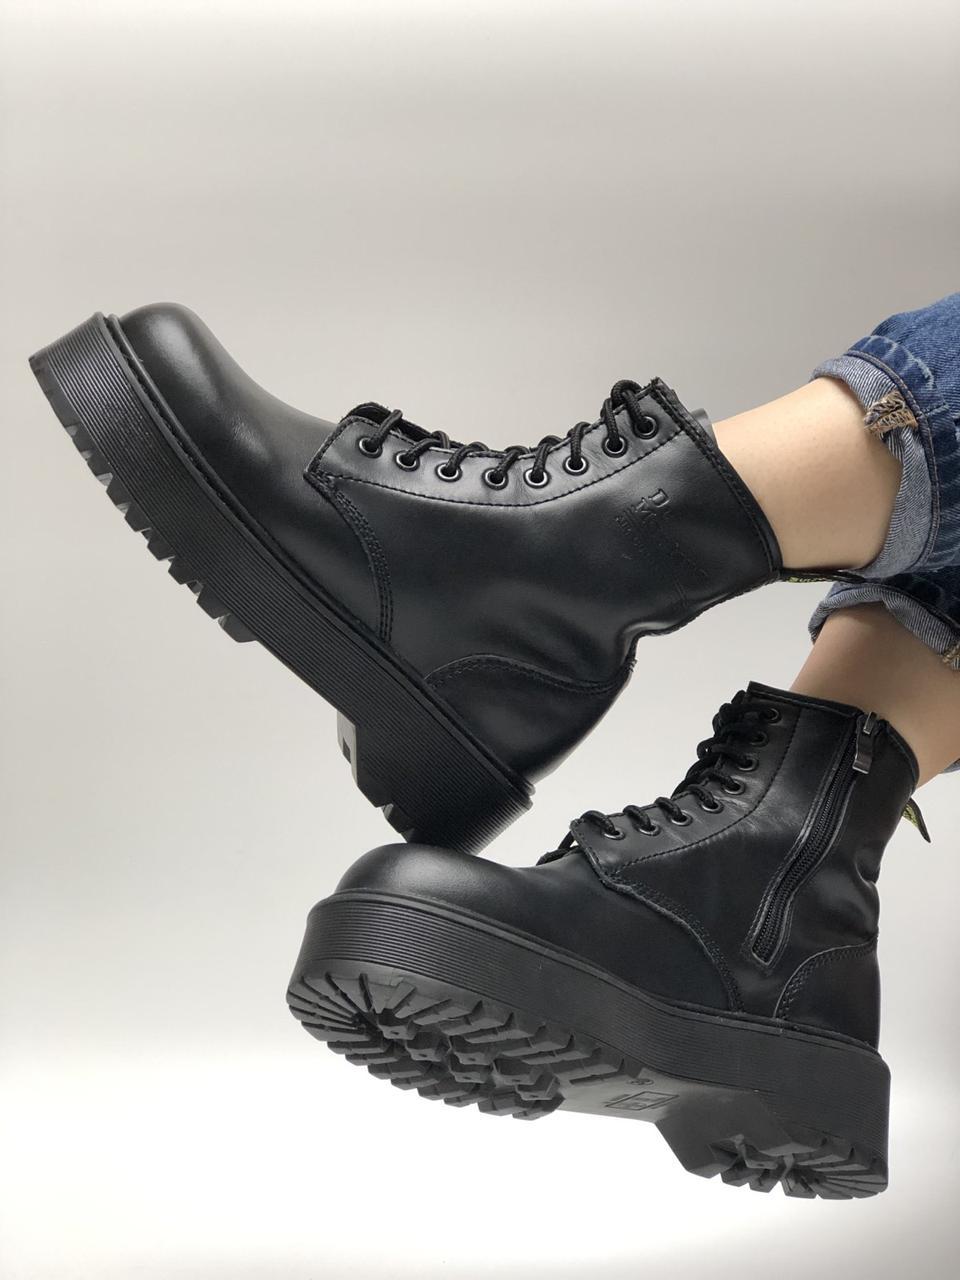 Жіночі черевики Dr. Martens Jadon All black (Демі). [Розміри в наявності: 36,37,38,39,40]